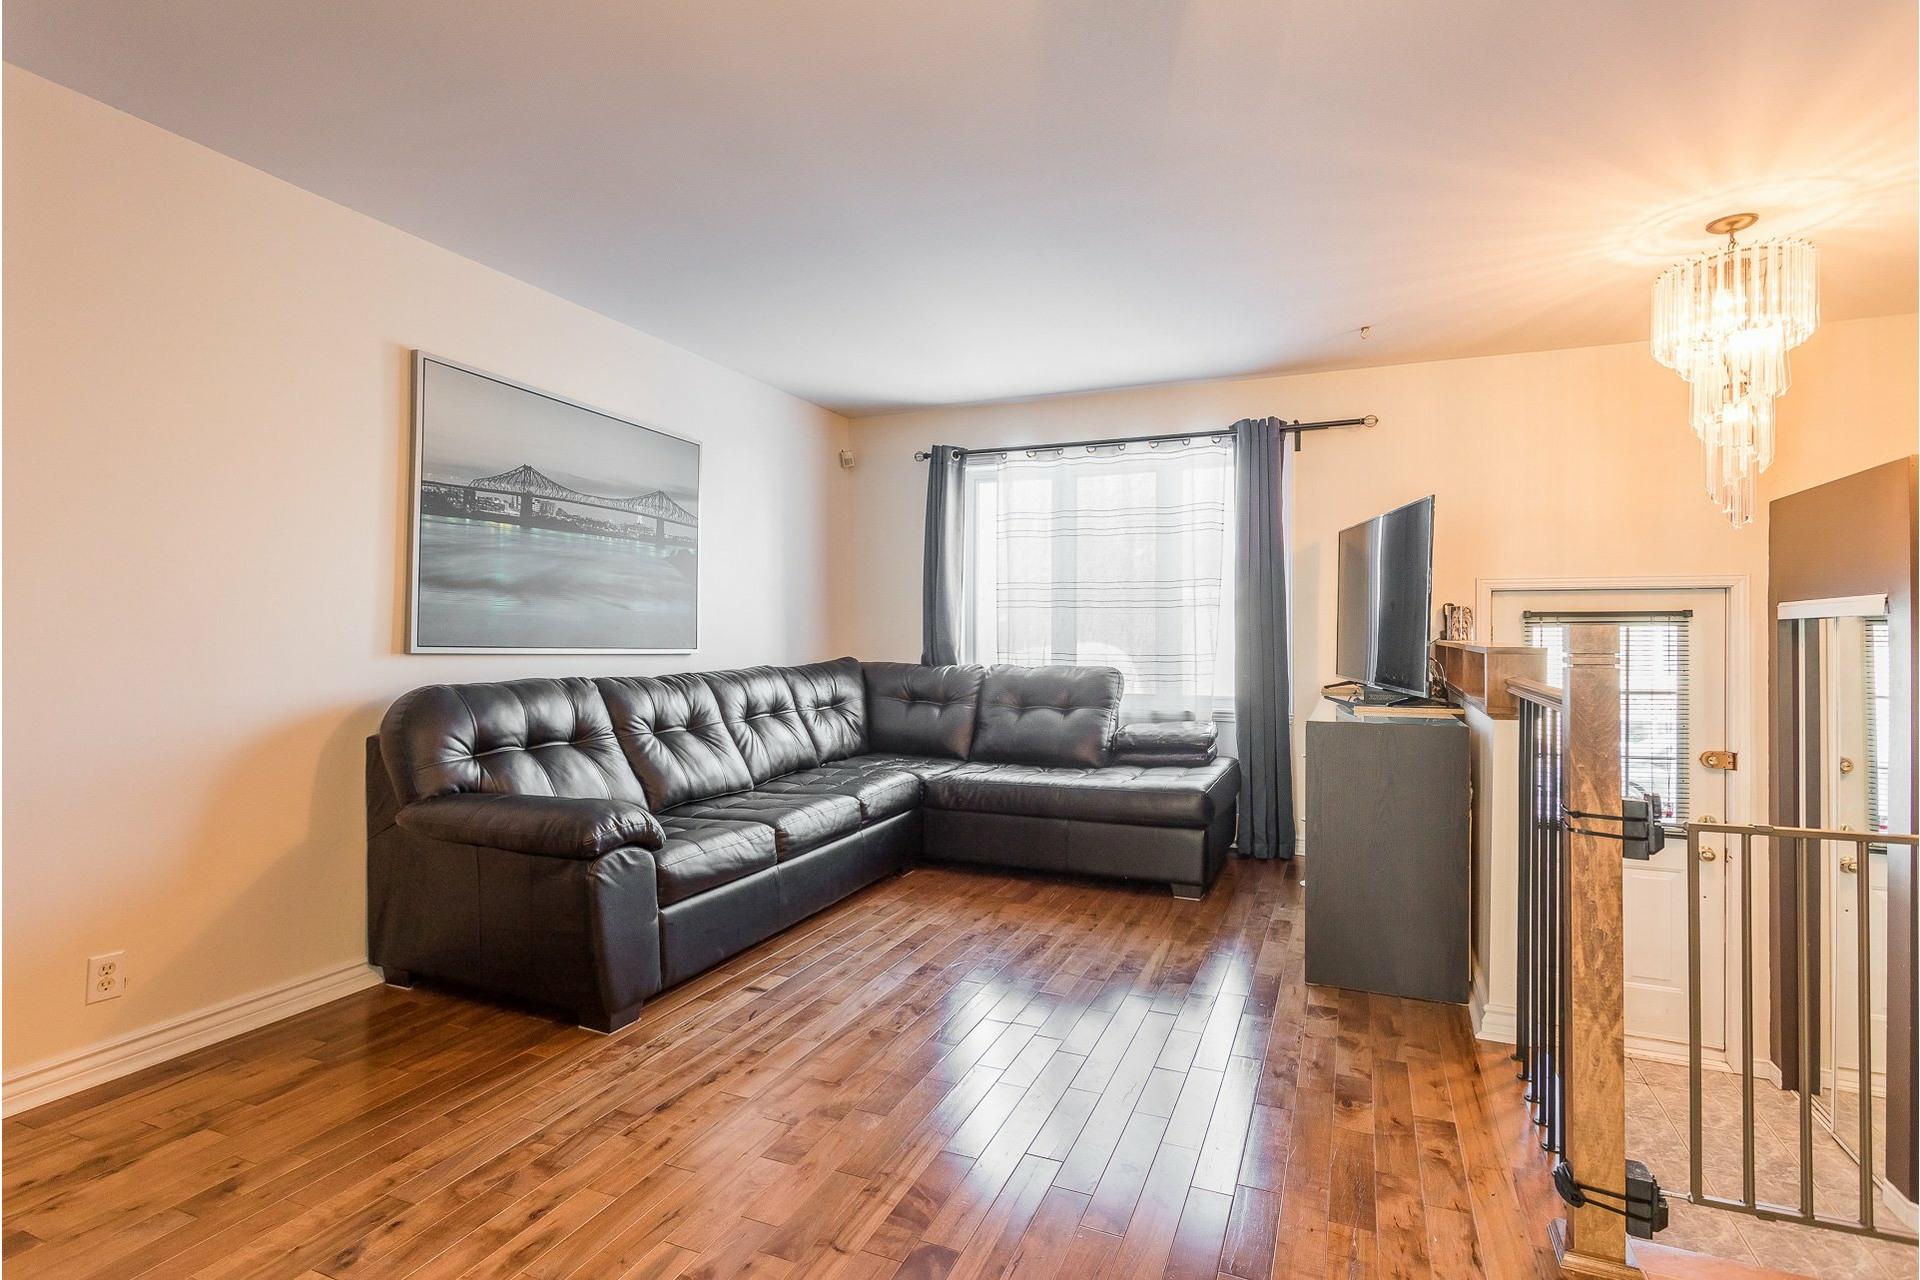 image 3 - House For sale Rivière-des-Prairies/Pointe-aux-Trembles Montréal  - 9 rooms